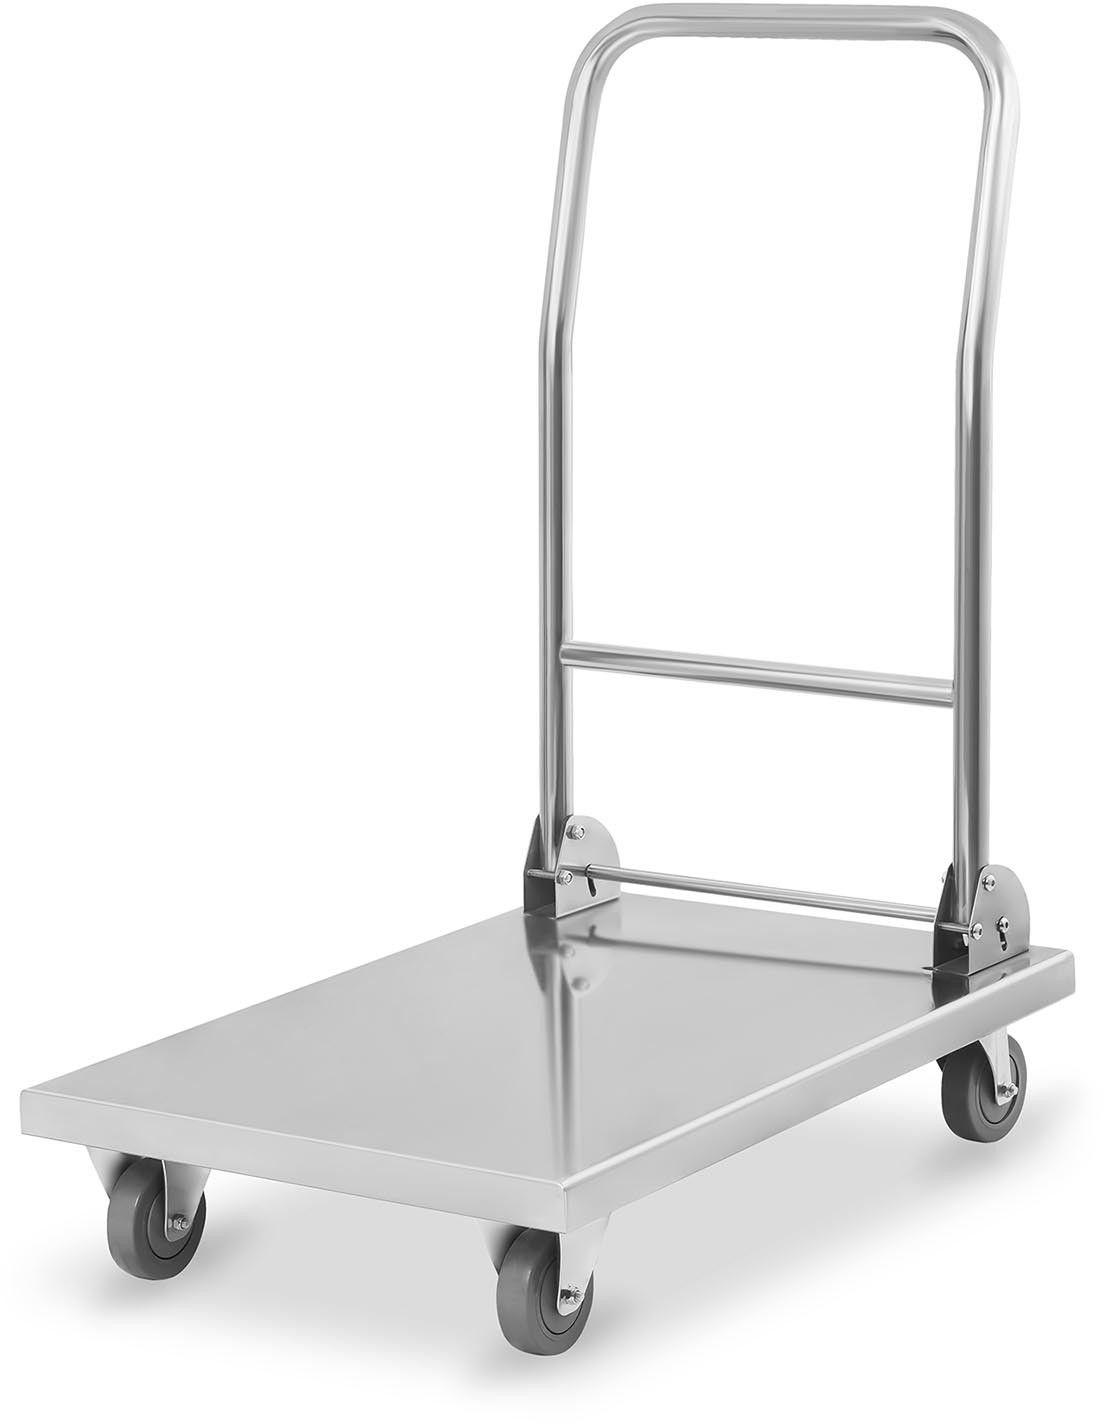 Wózek platformowy - 400 kg - Royal Catering - RCFT-1.1 - 3 lata gwarancji/wysyłka w 24h